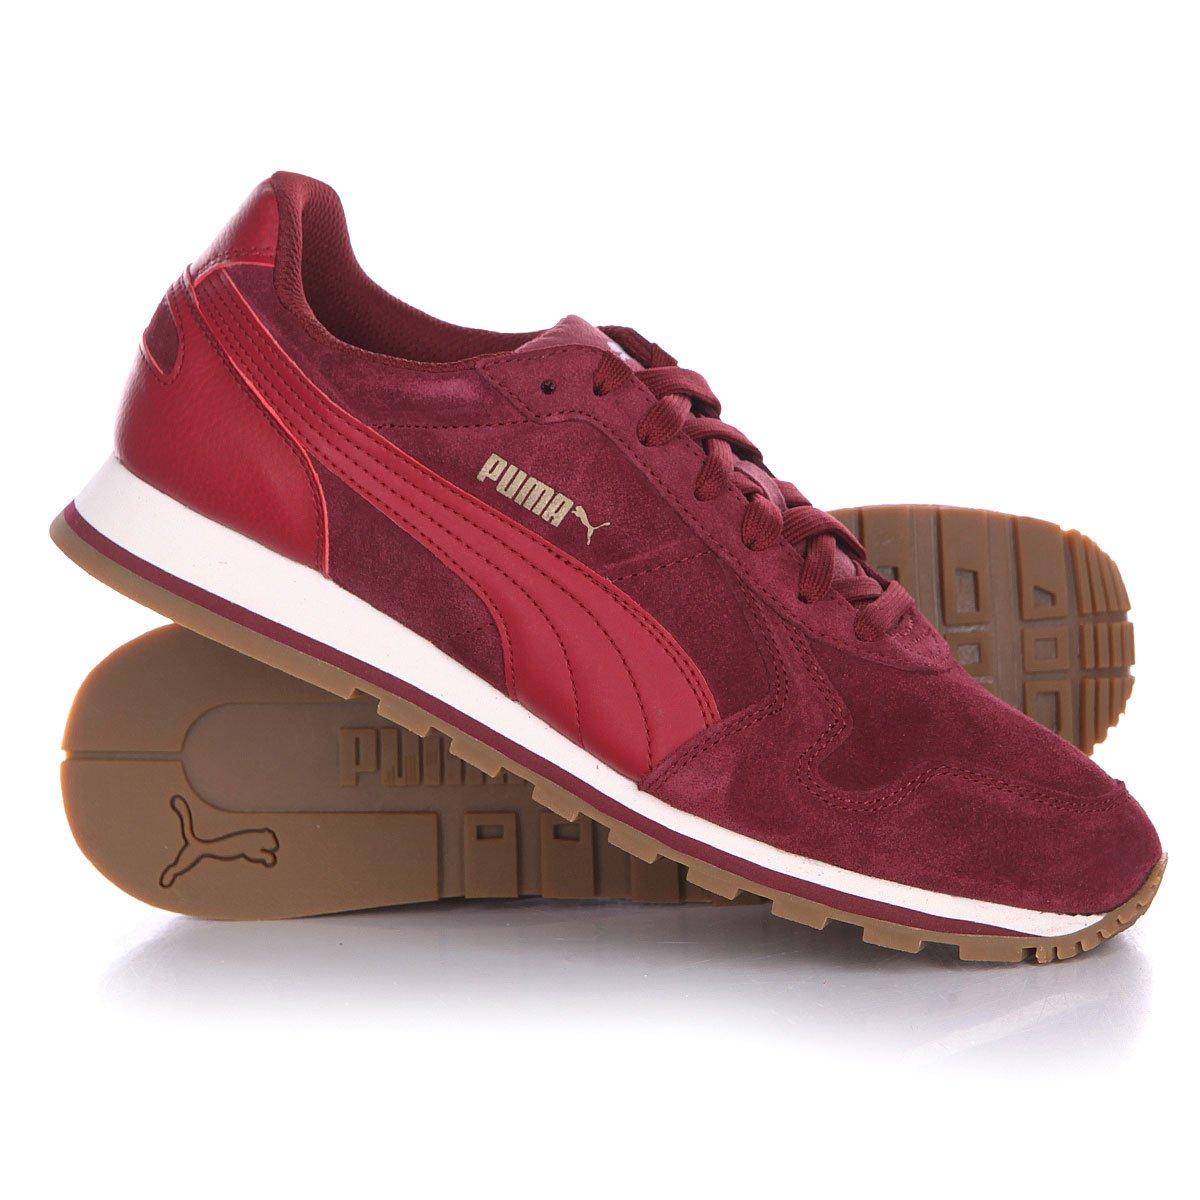 482f7028f66b Купить кроссовки Puma St Runner Sd Cabernet в интернет-магазине ...